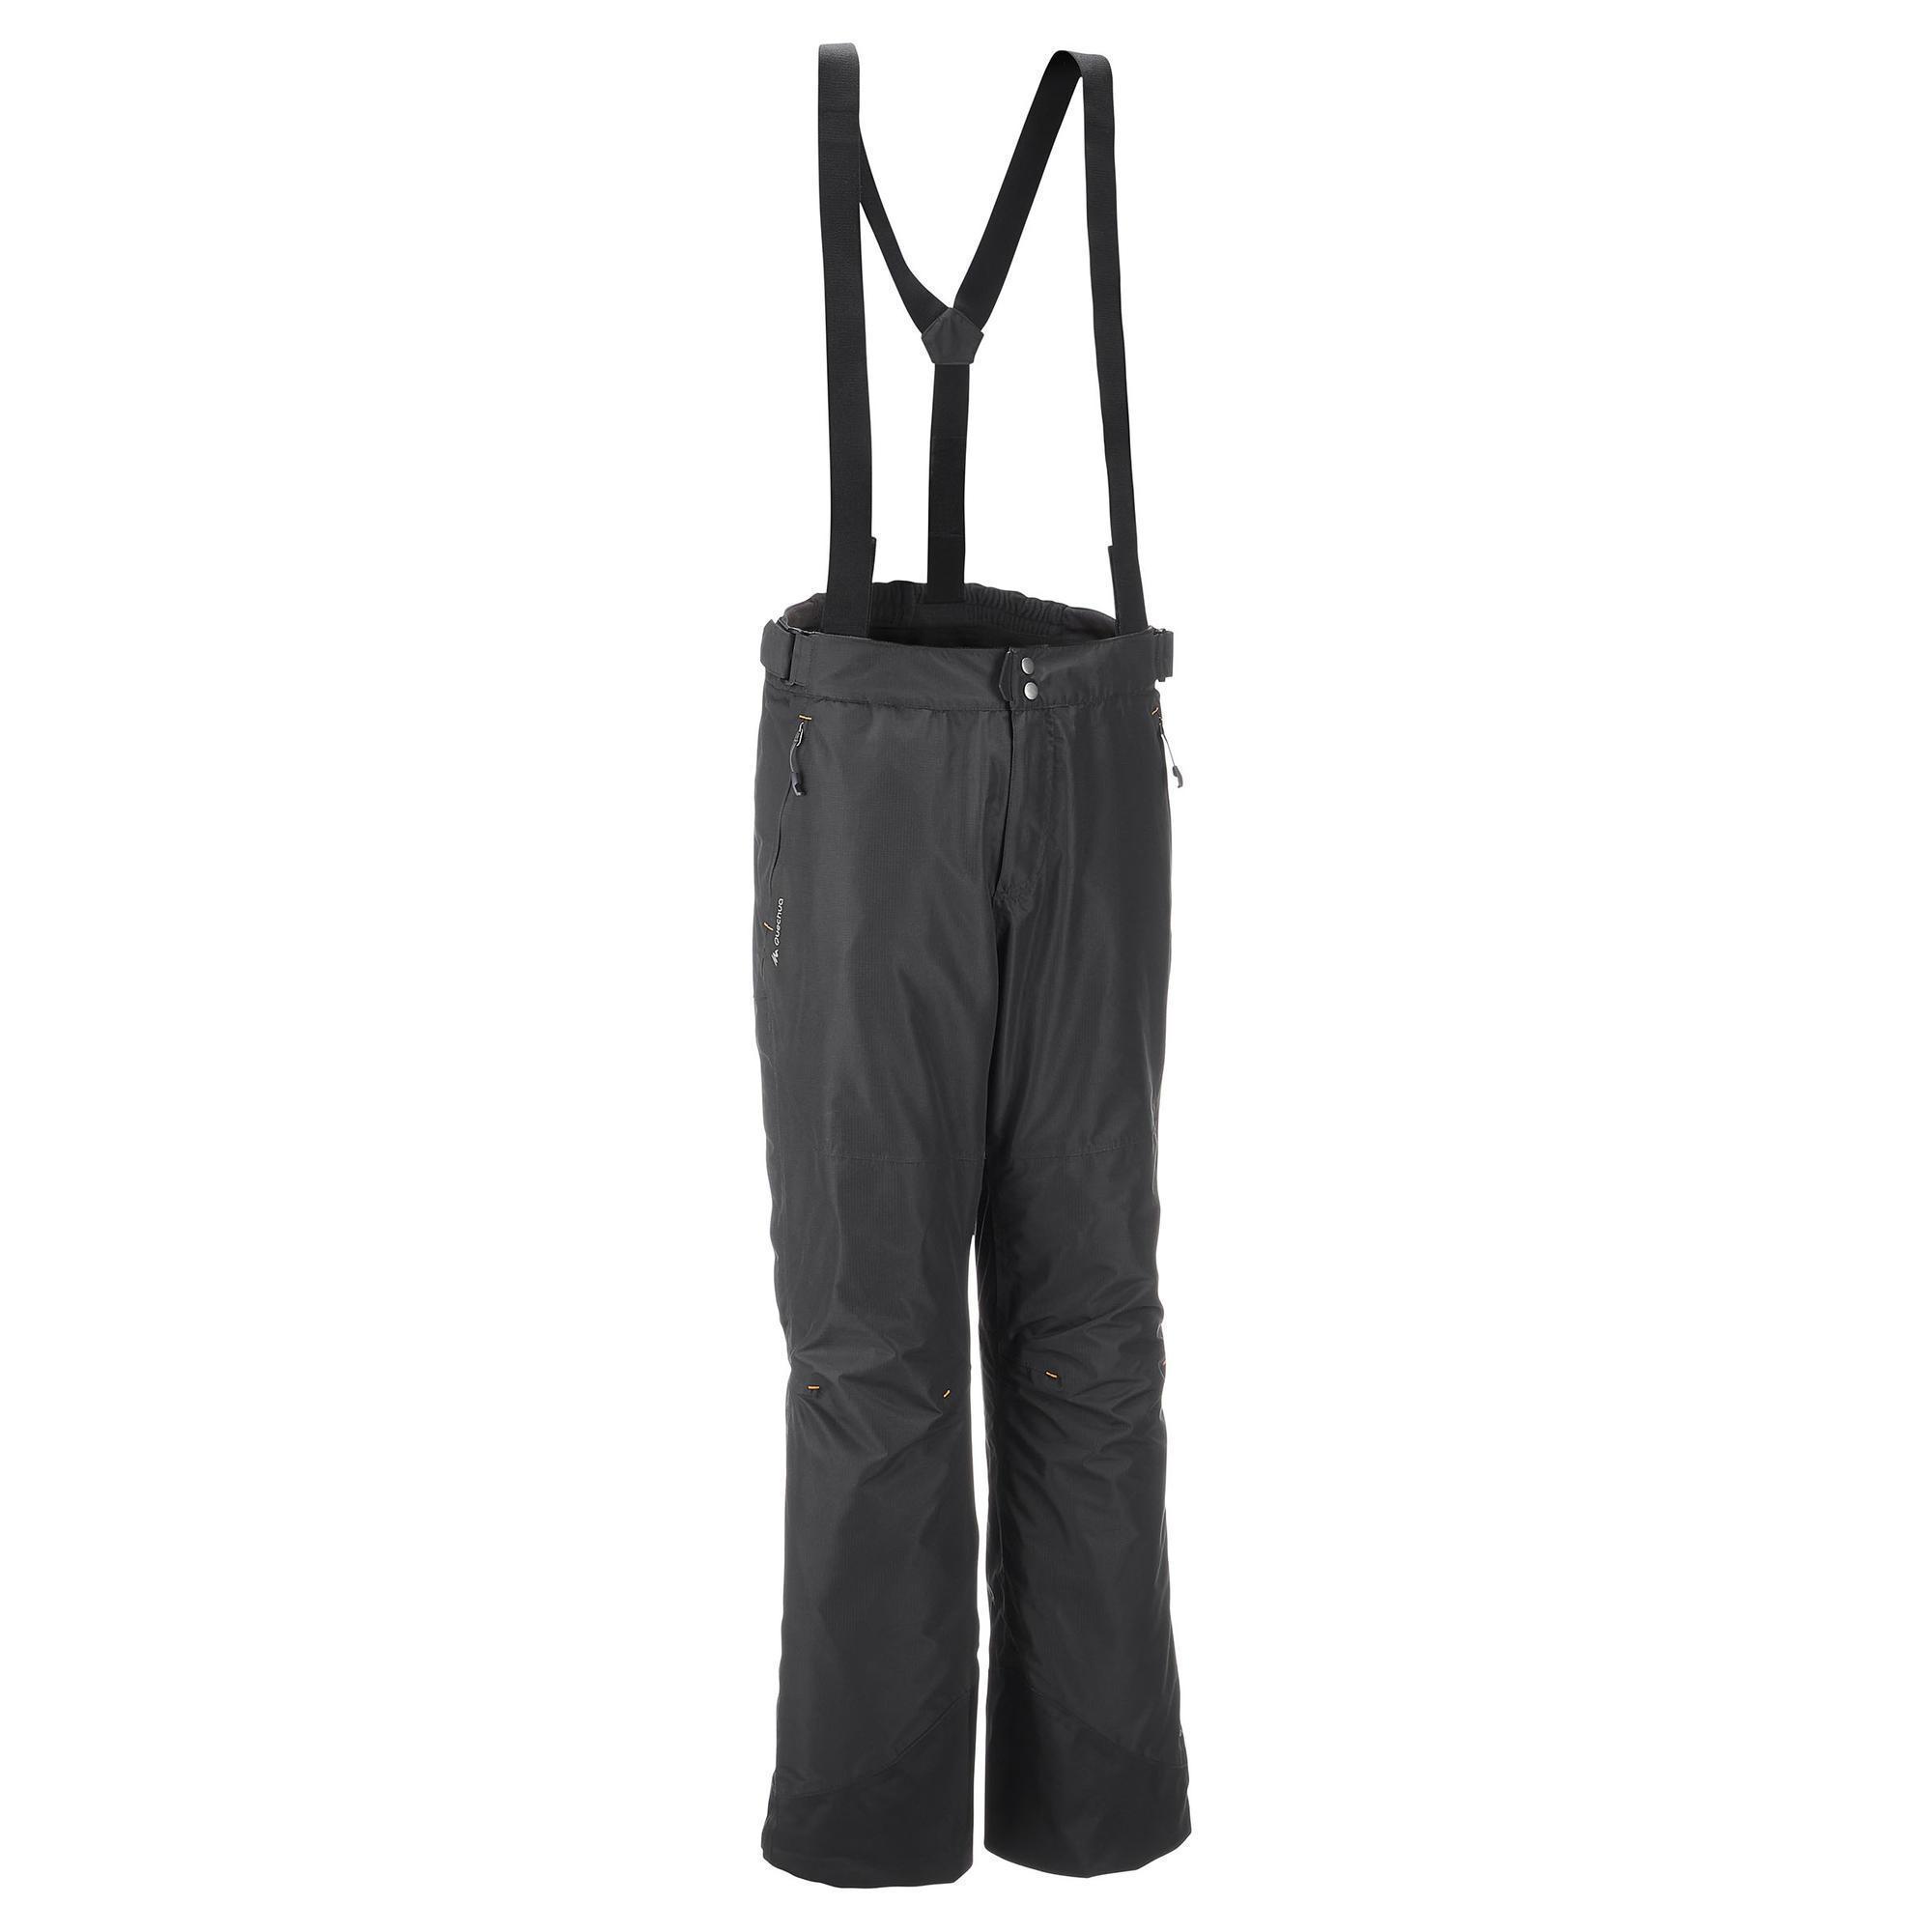 sur pantalon pluie imperm able randonn e homme forclaz 100 noir quechua. Black Bedroom Furniture Sets. Home Design Ideas